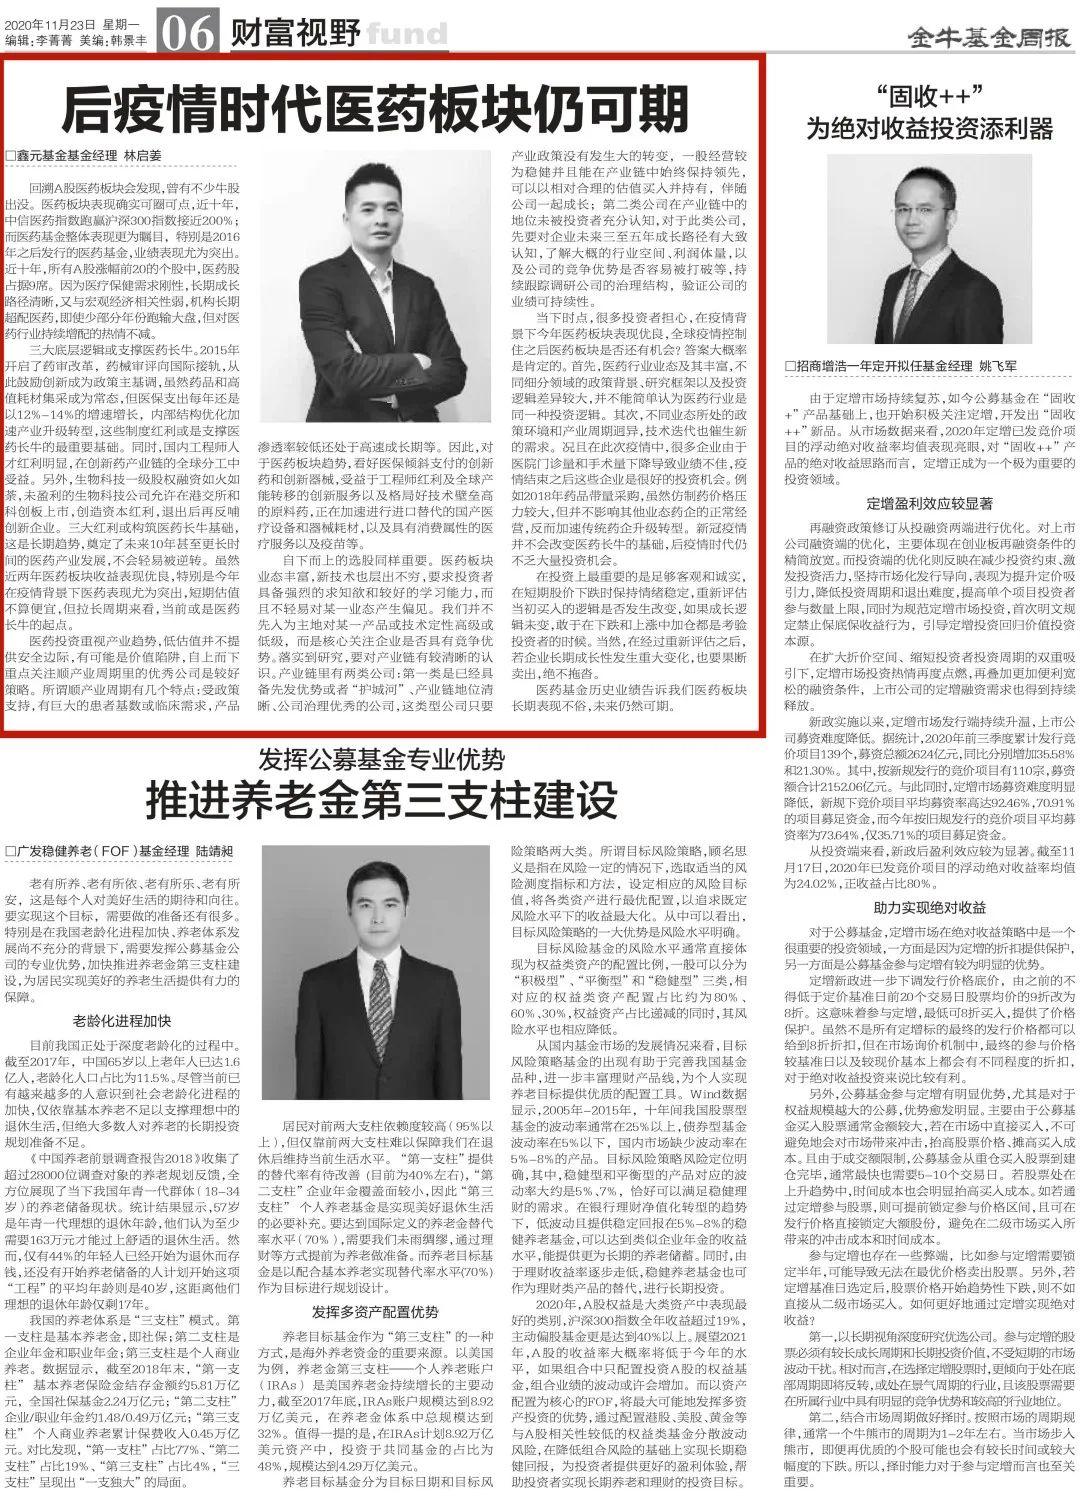 基金经理林启姜:后疫情时代,医药板块未来仍可期